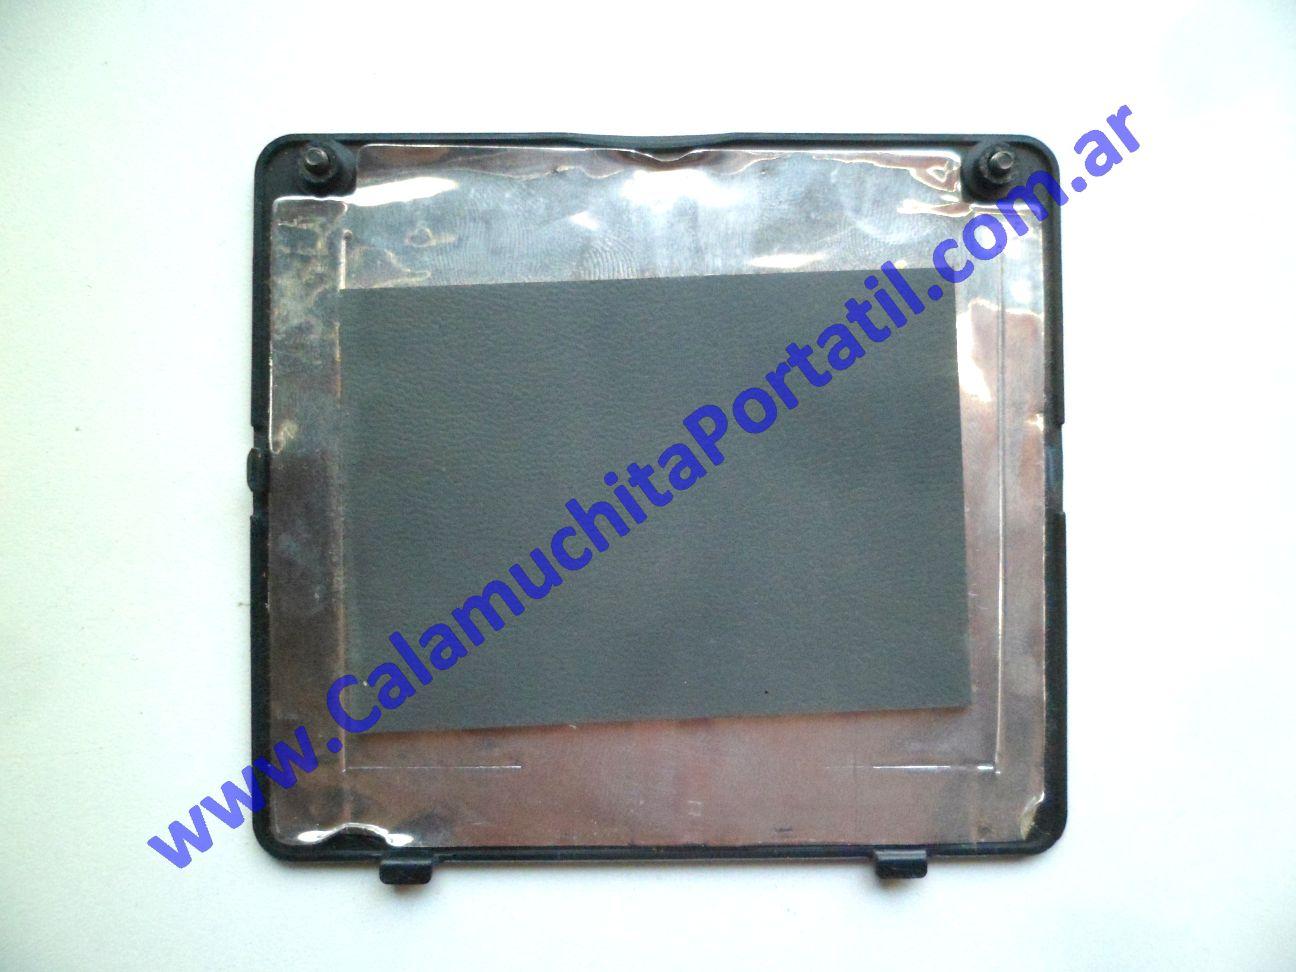 0587CTM Carcasas Tapa Memoria Hewlett Packard Compaq nx6125 / EH369LA#ABM